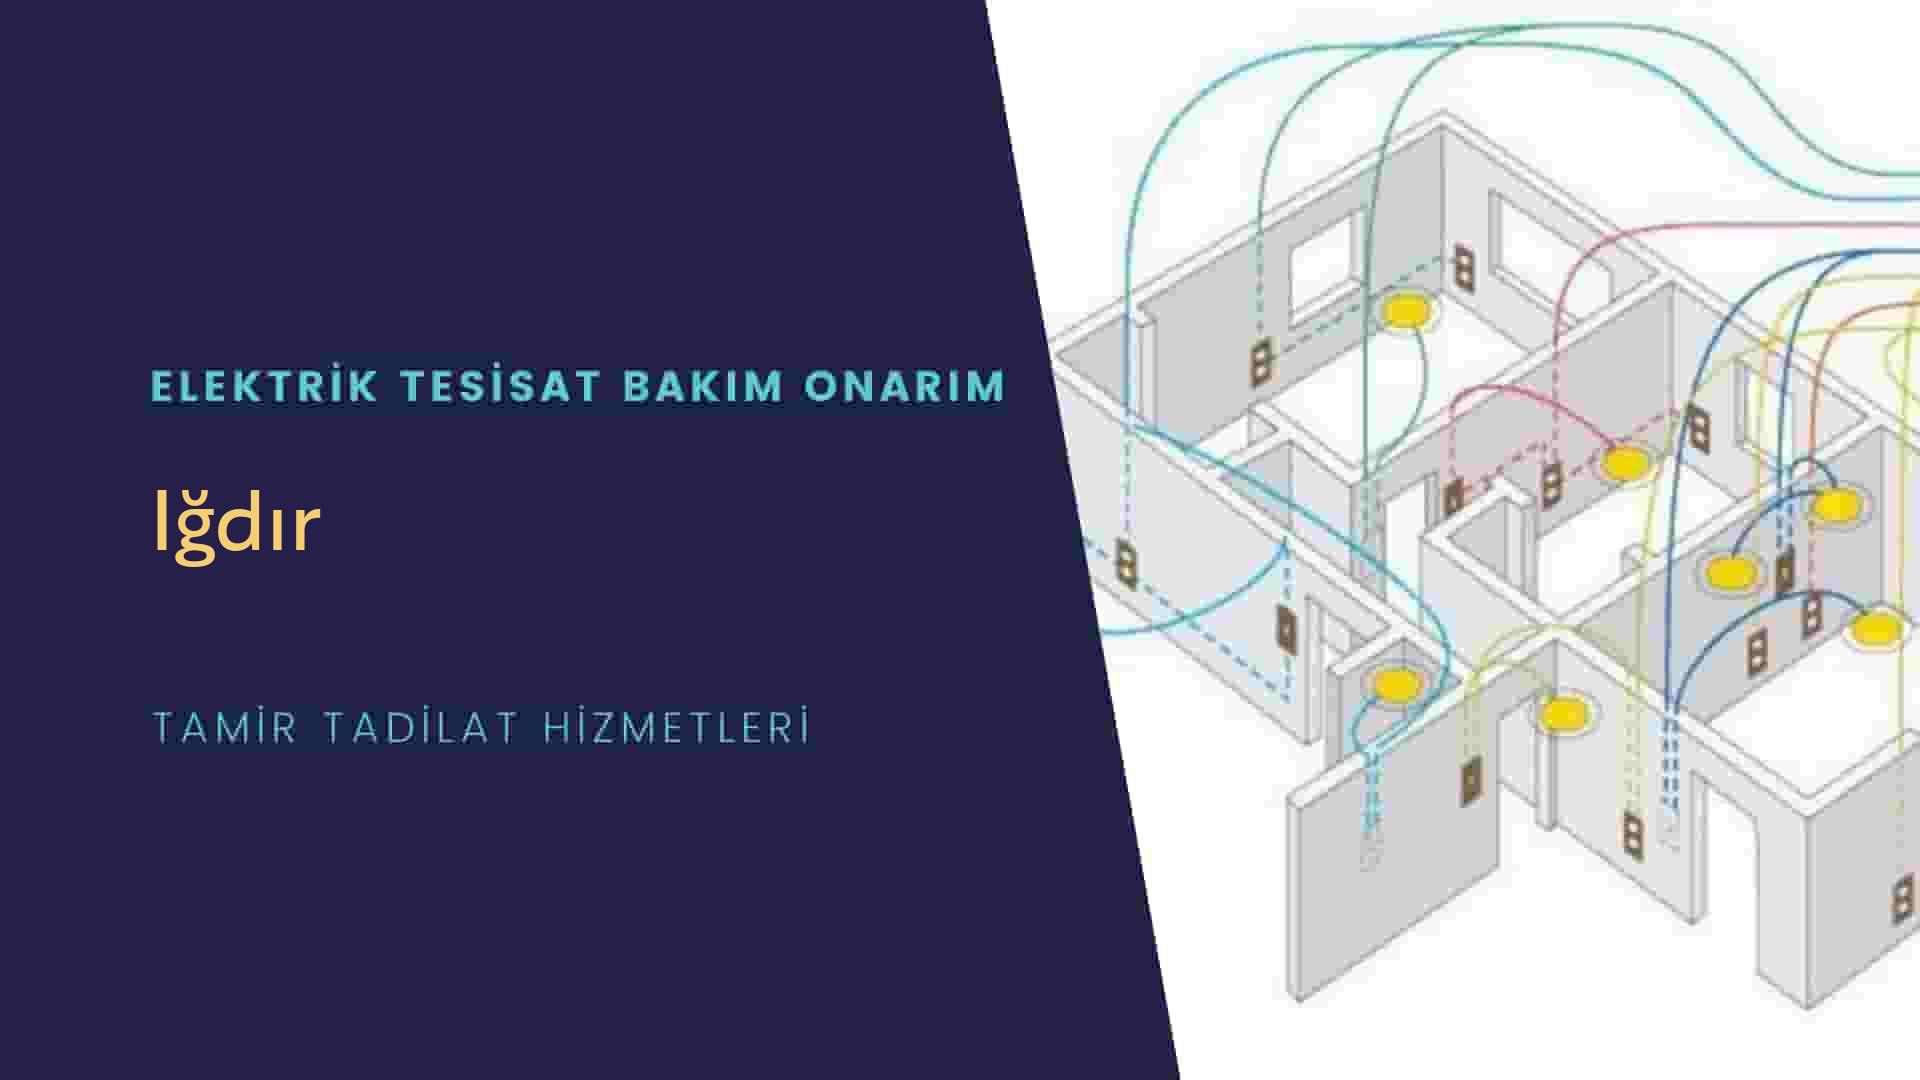 Iğdır'da elektrik tesisatıustalarımı arıyorsunuz doğru adrestenizi Iğdır elektrik tesisatı ustalarımız 7/24 sizlere hizmet vermekten mutluluk duyar.